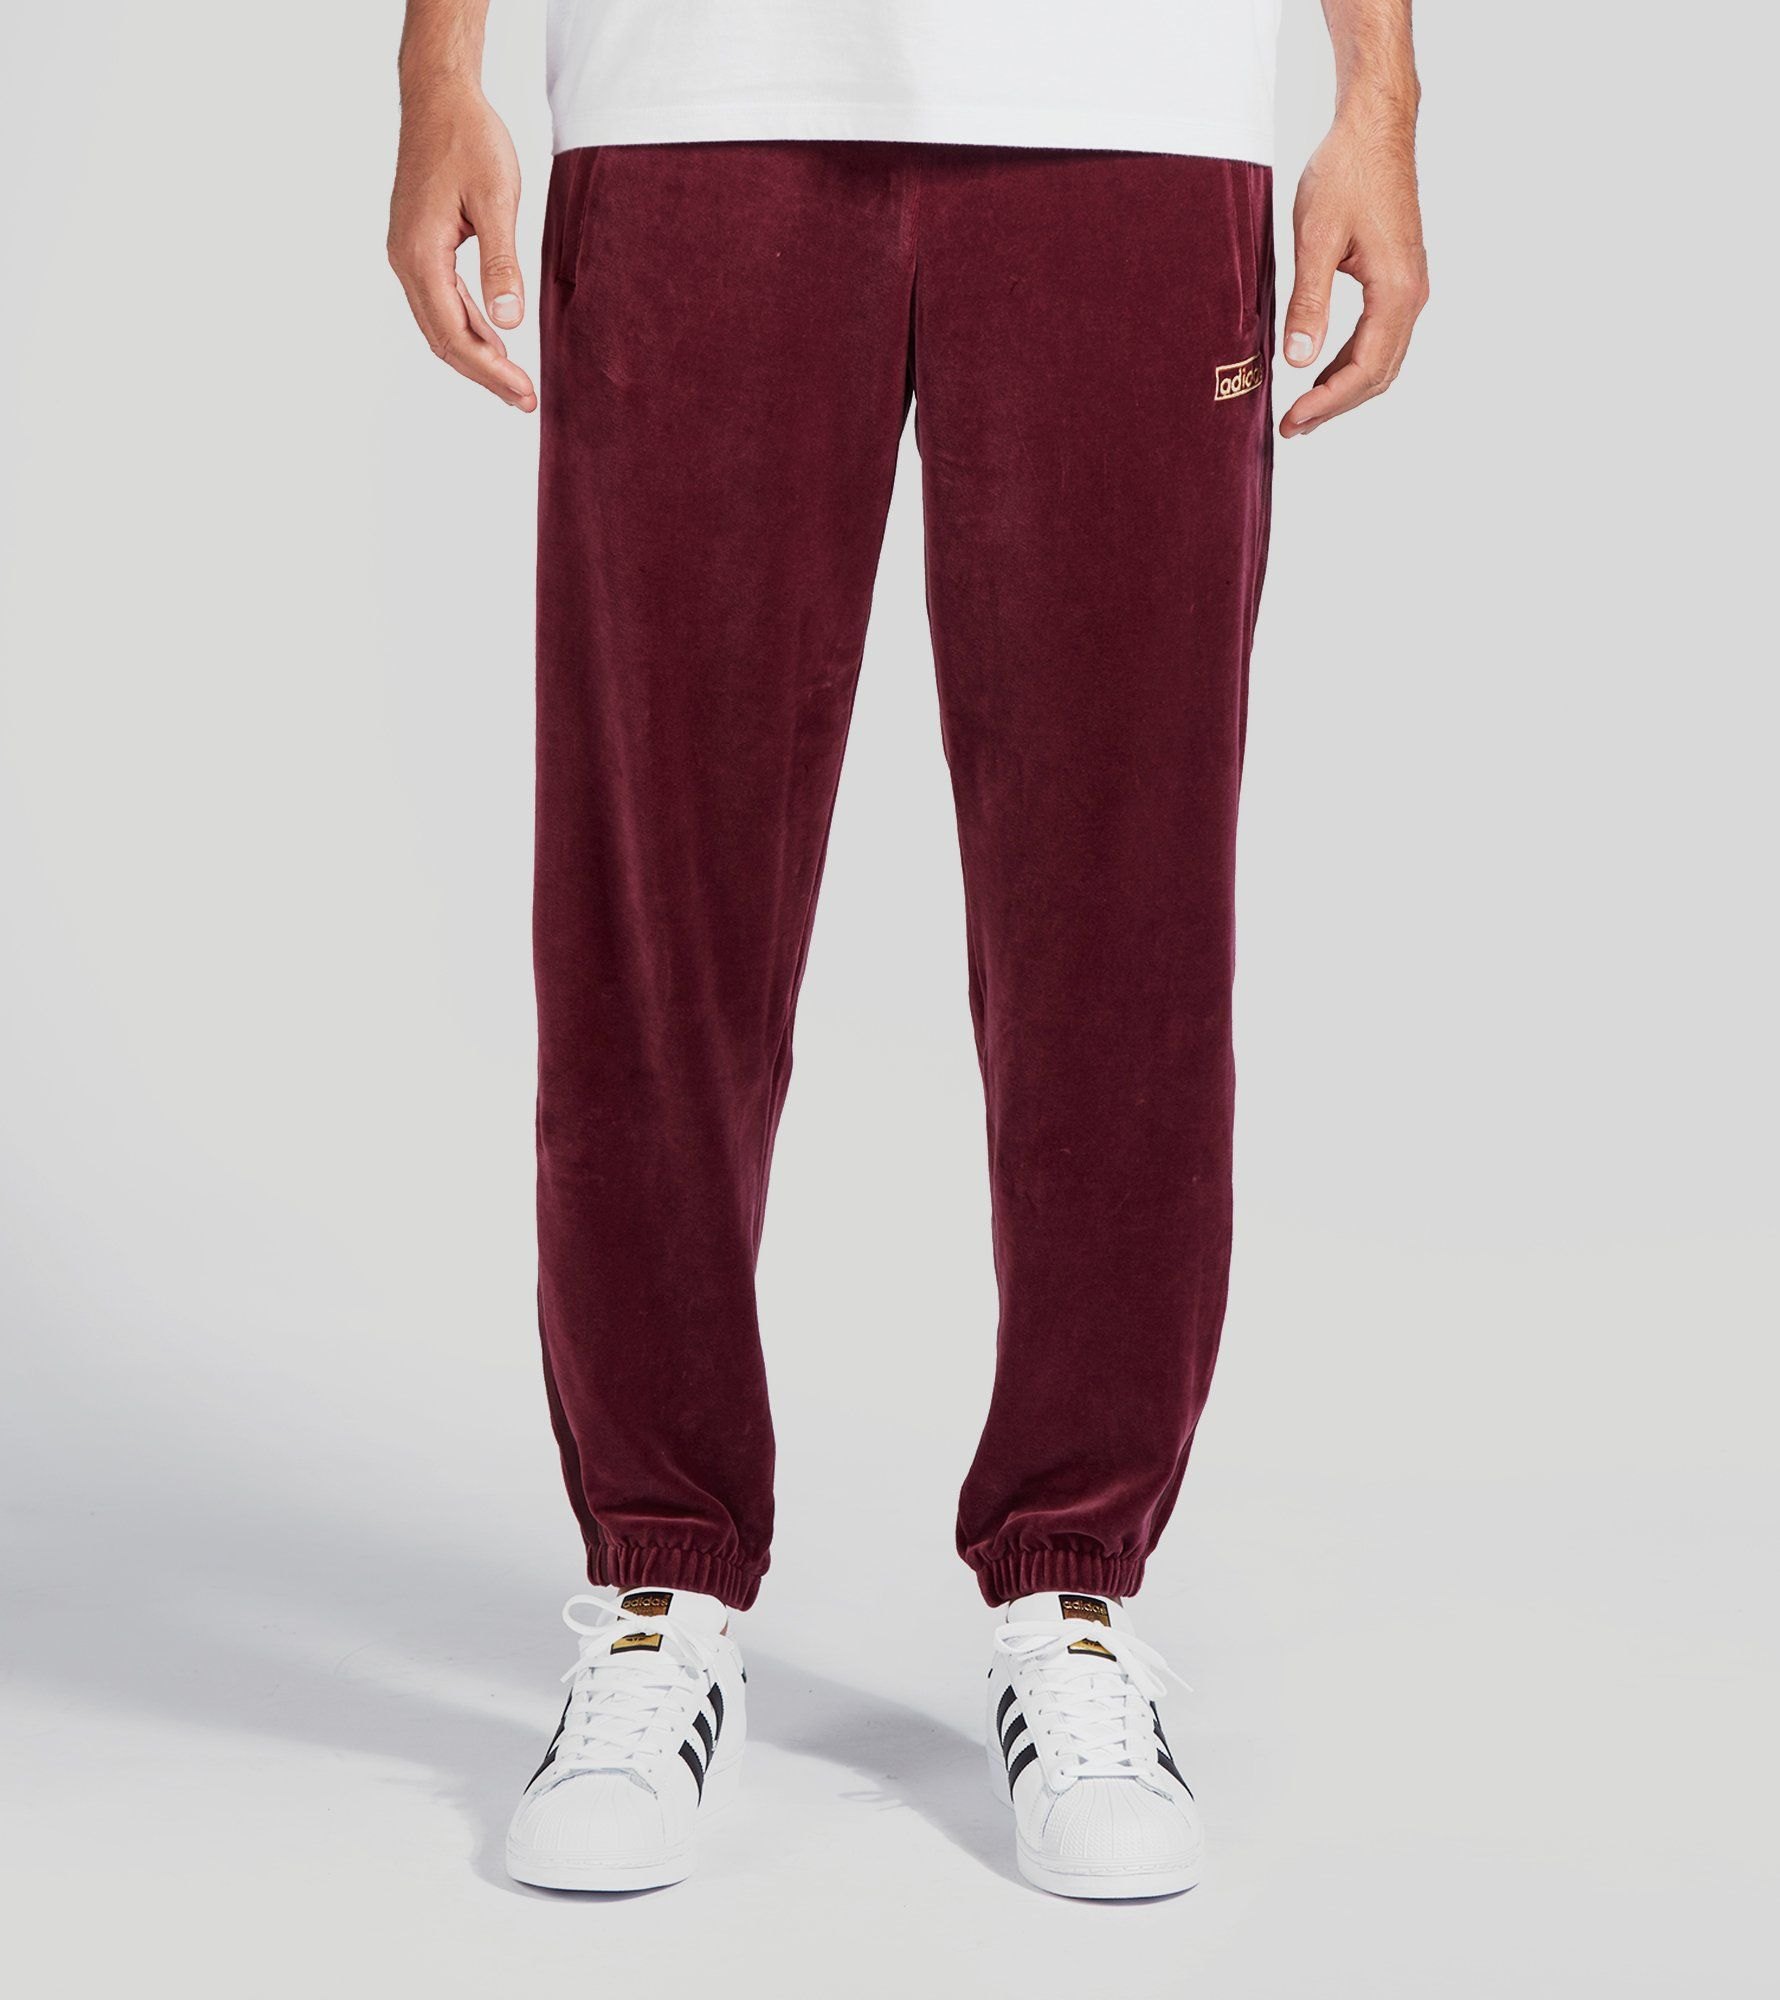 Adidas originali - pantaloni della tuta taglia?